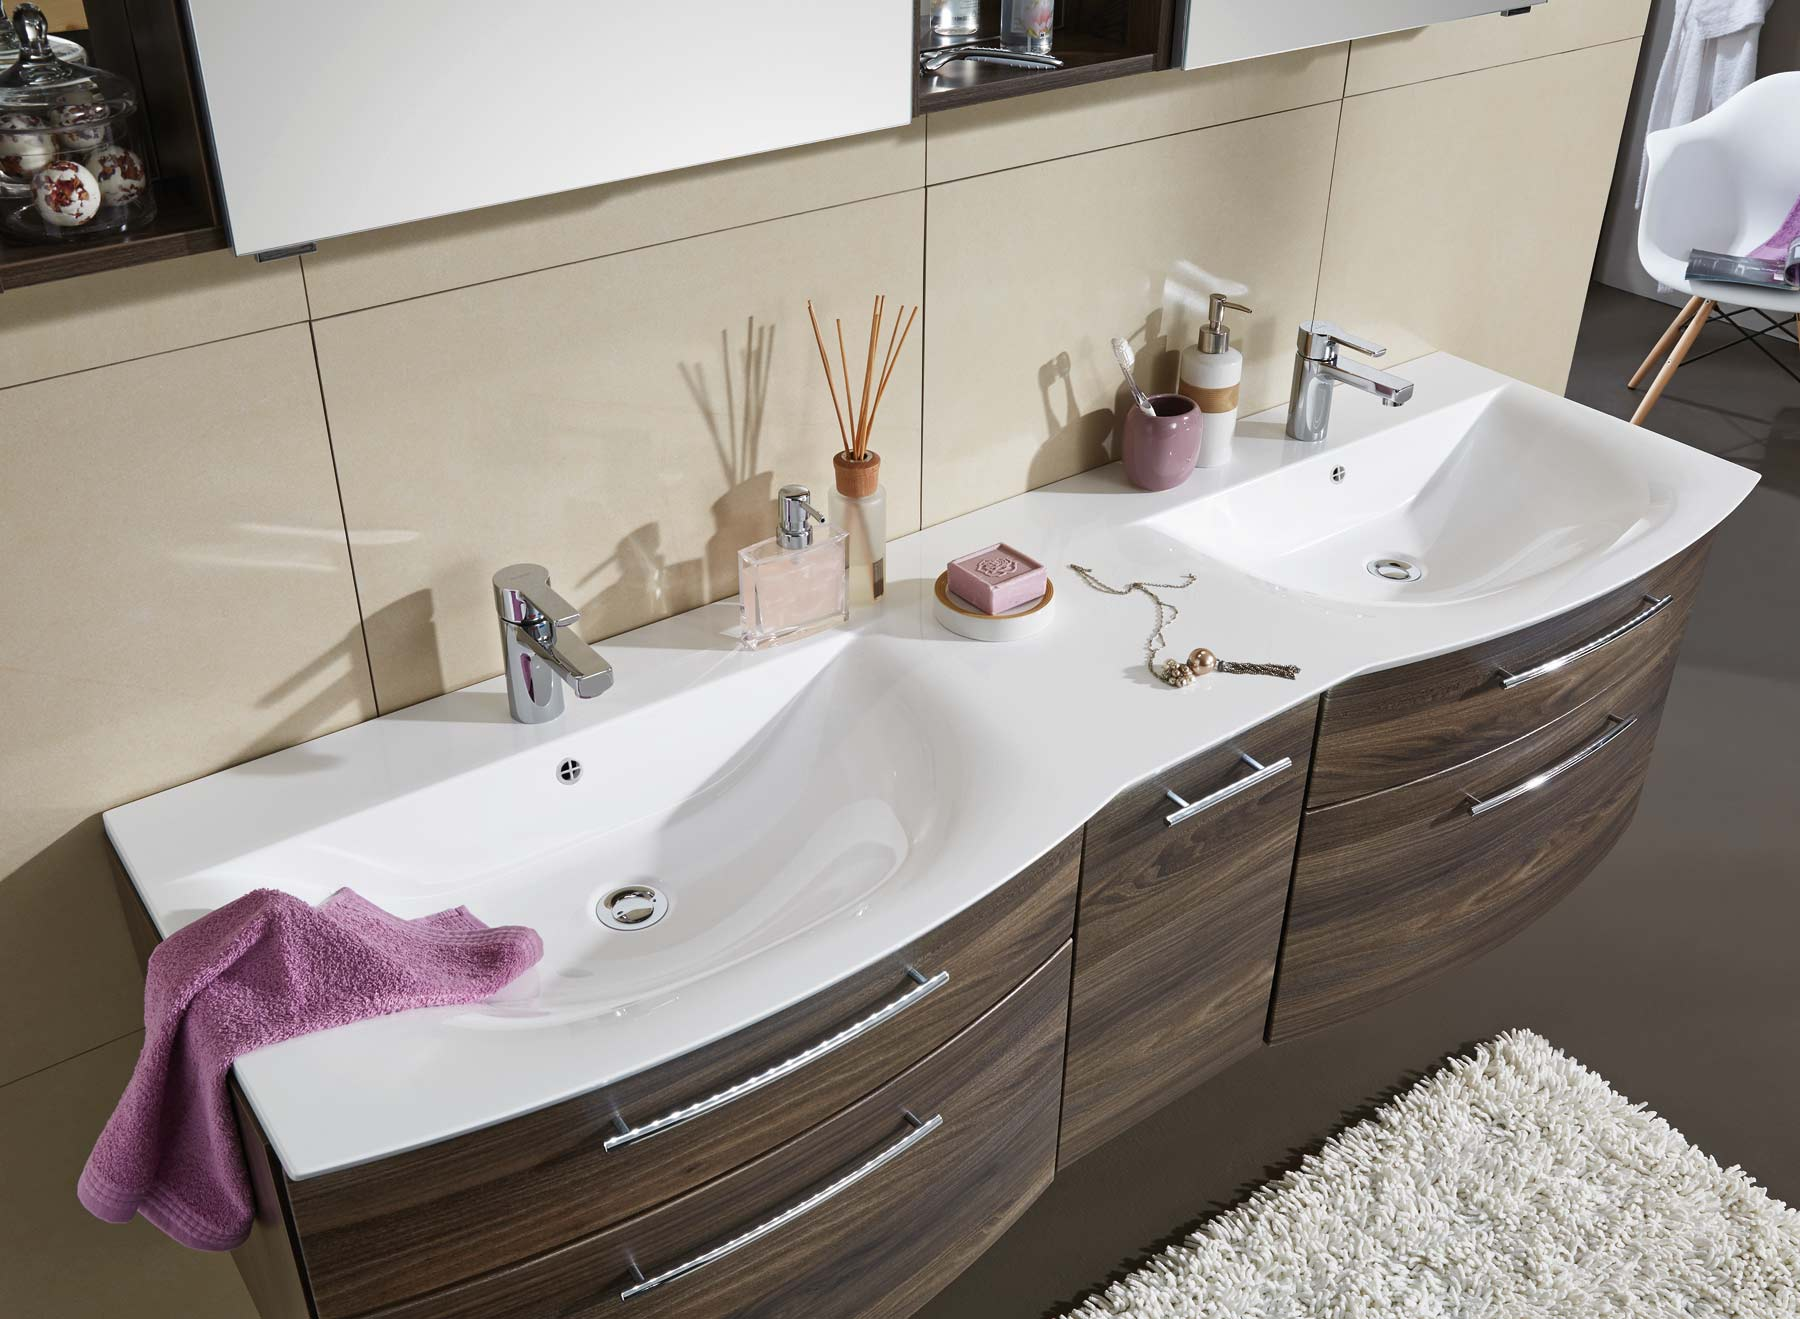 Armoire Salle De Bain 70 Cm Largeur lotus | meubles de salle de bains, baignoires, fabricant